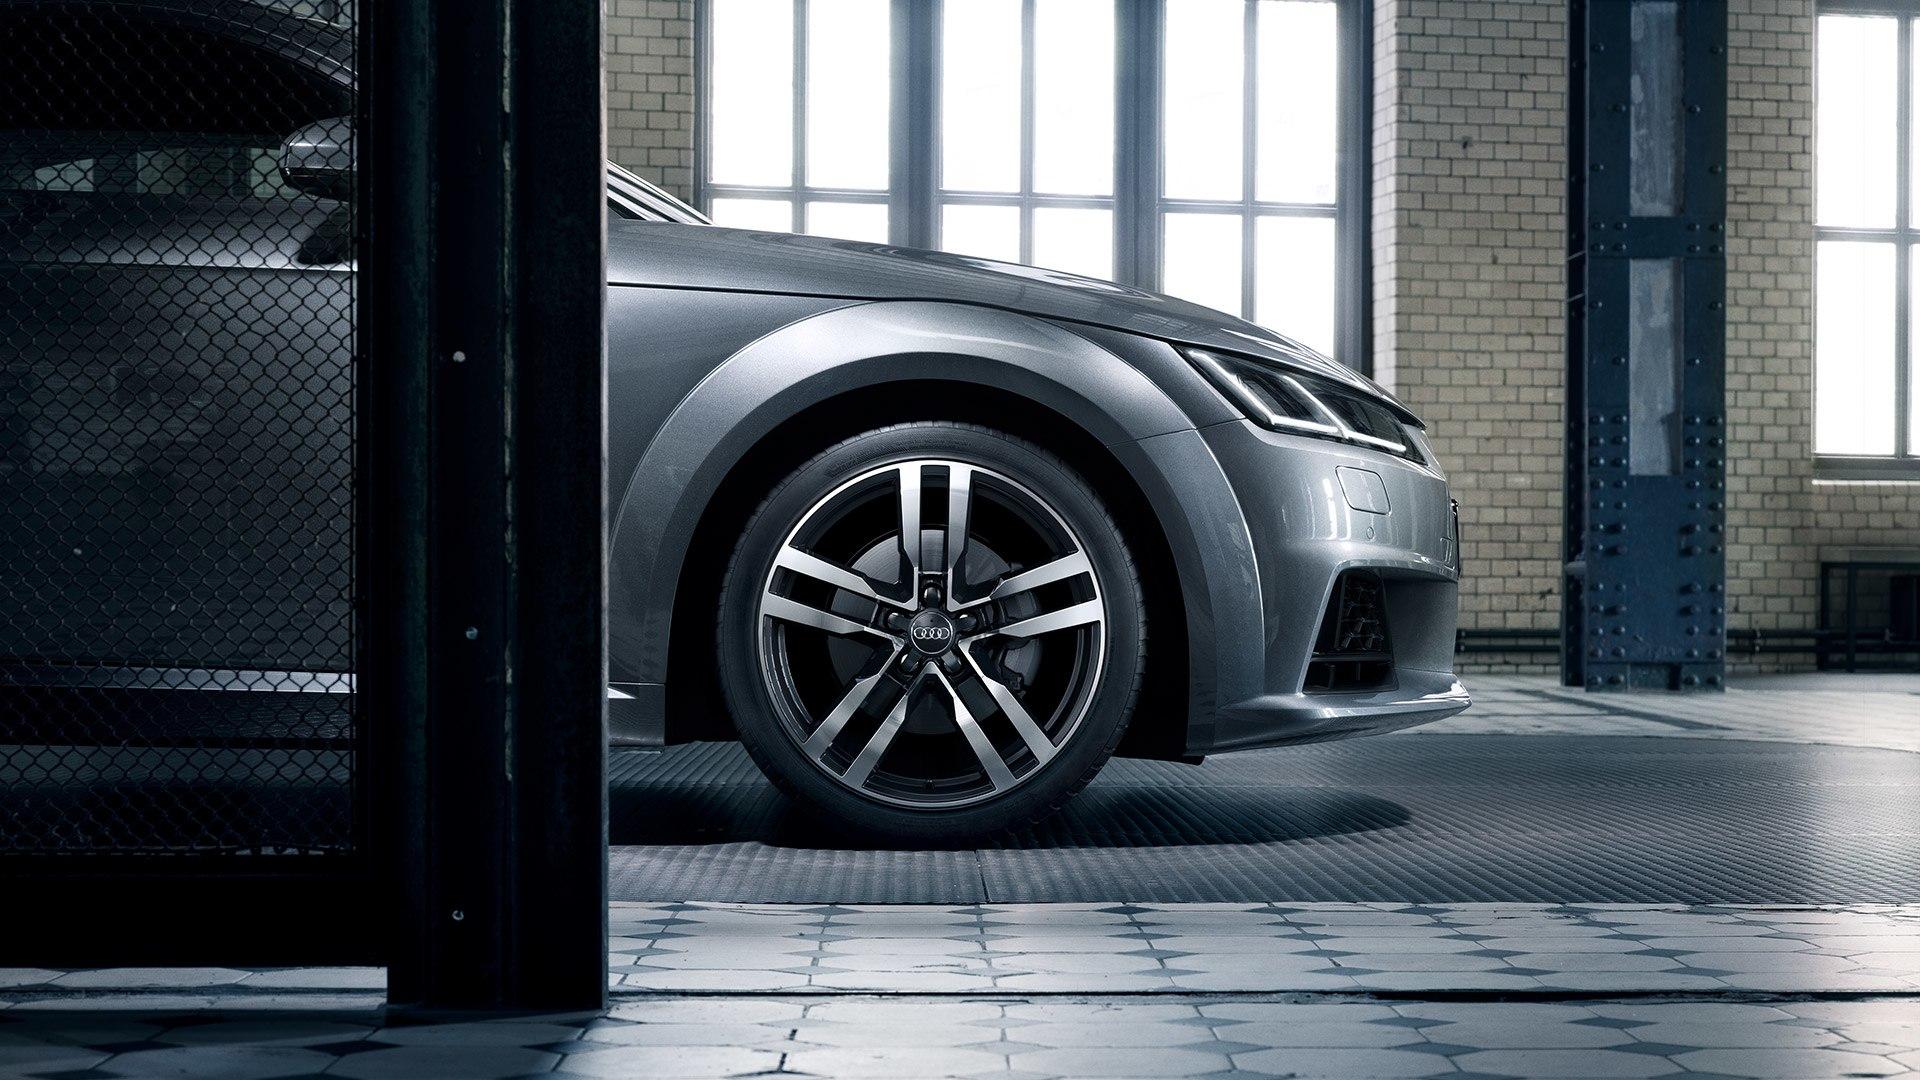 Audi TT velgen